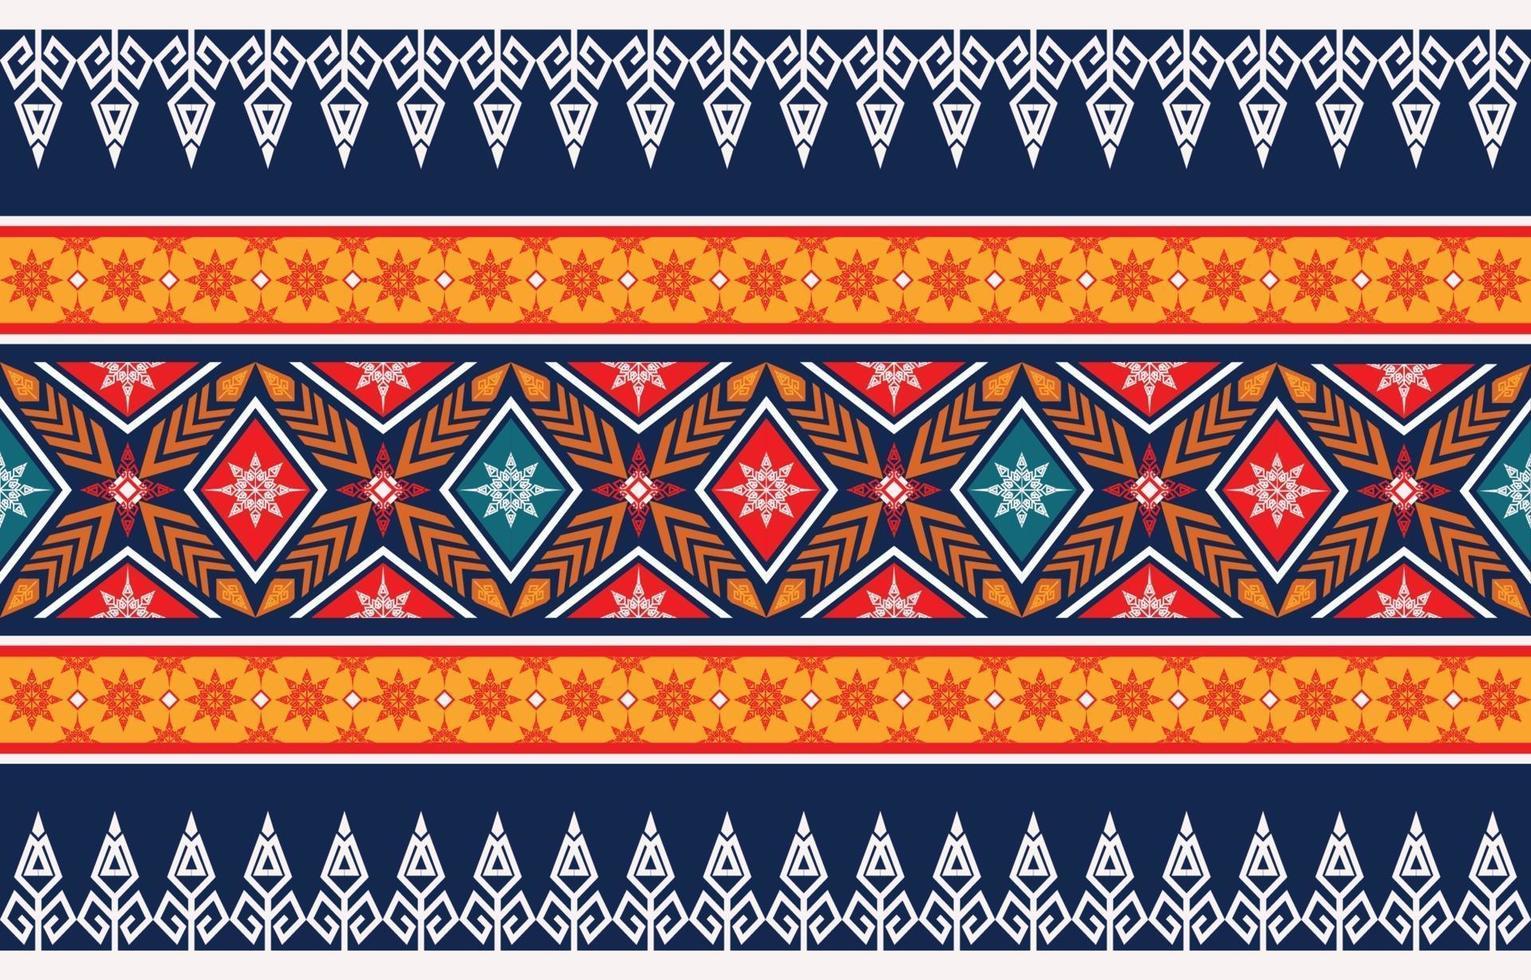 desenho de padrão geométrico étnico abstrato para o fundo vetor